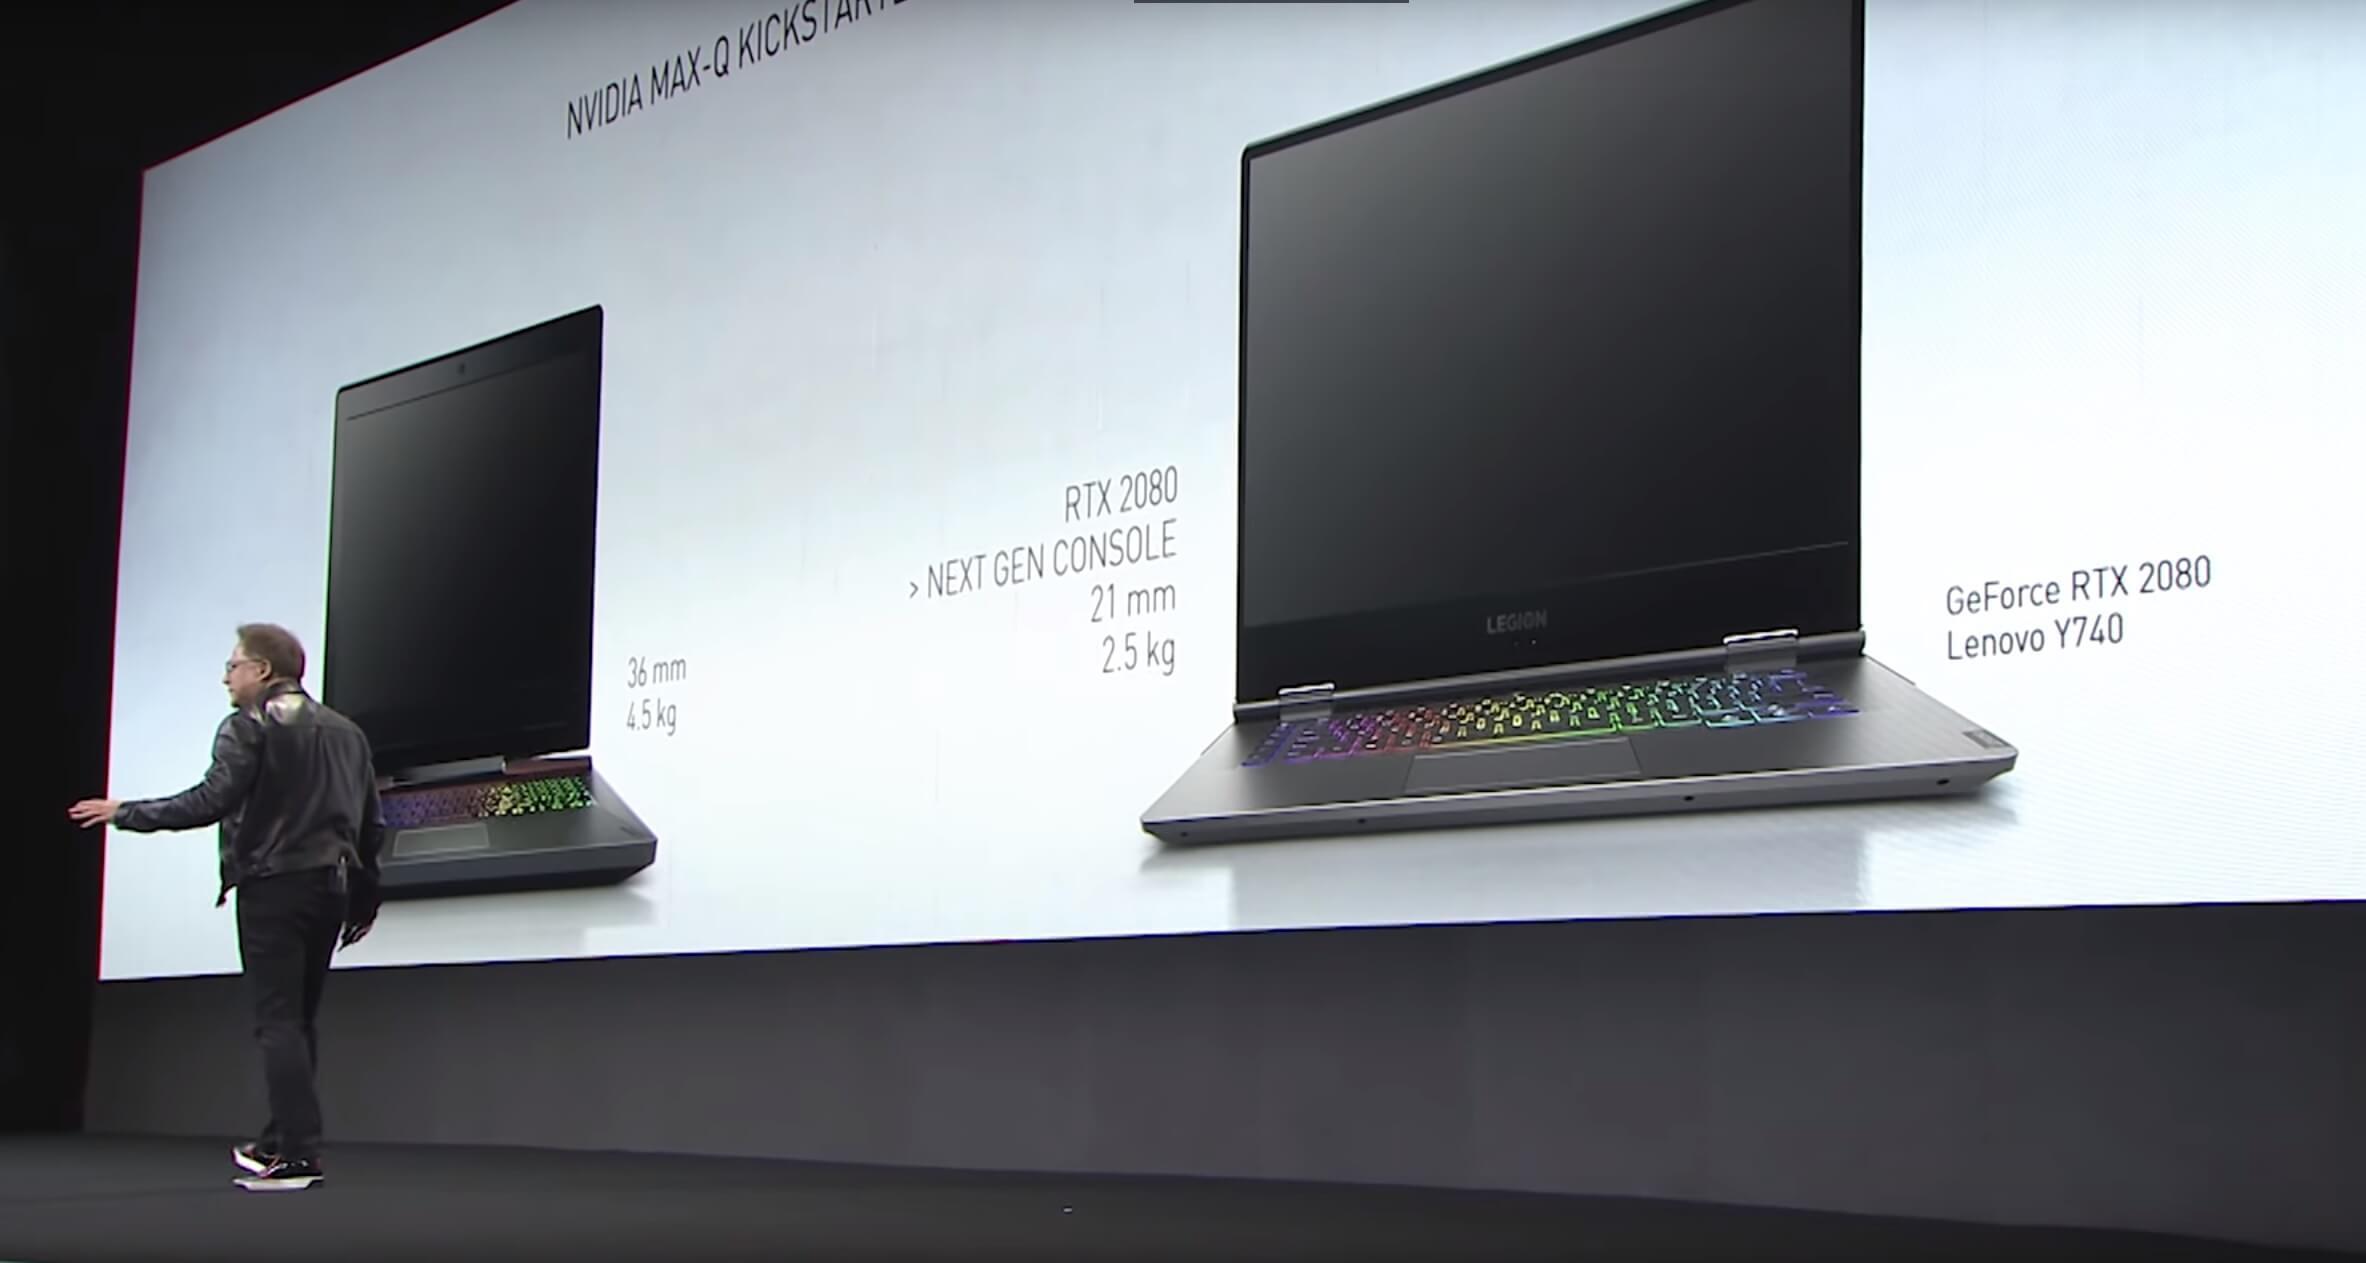 英偉達宣稱筆記本的2080MAX-Q比次世代主機GPU更強